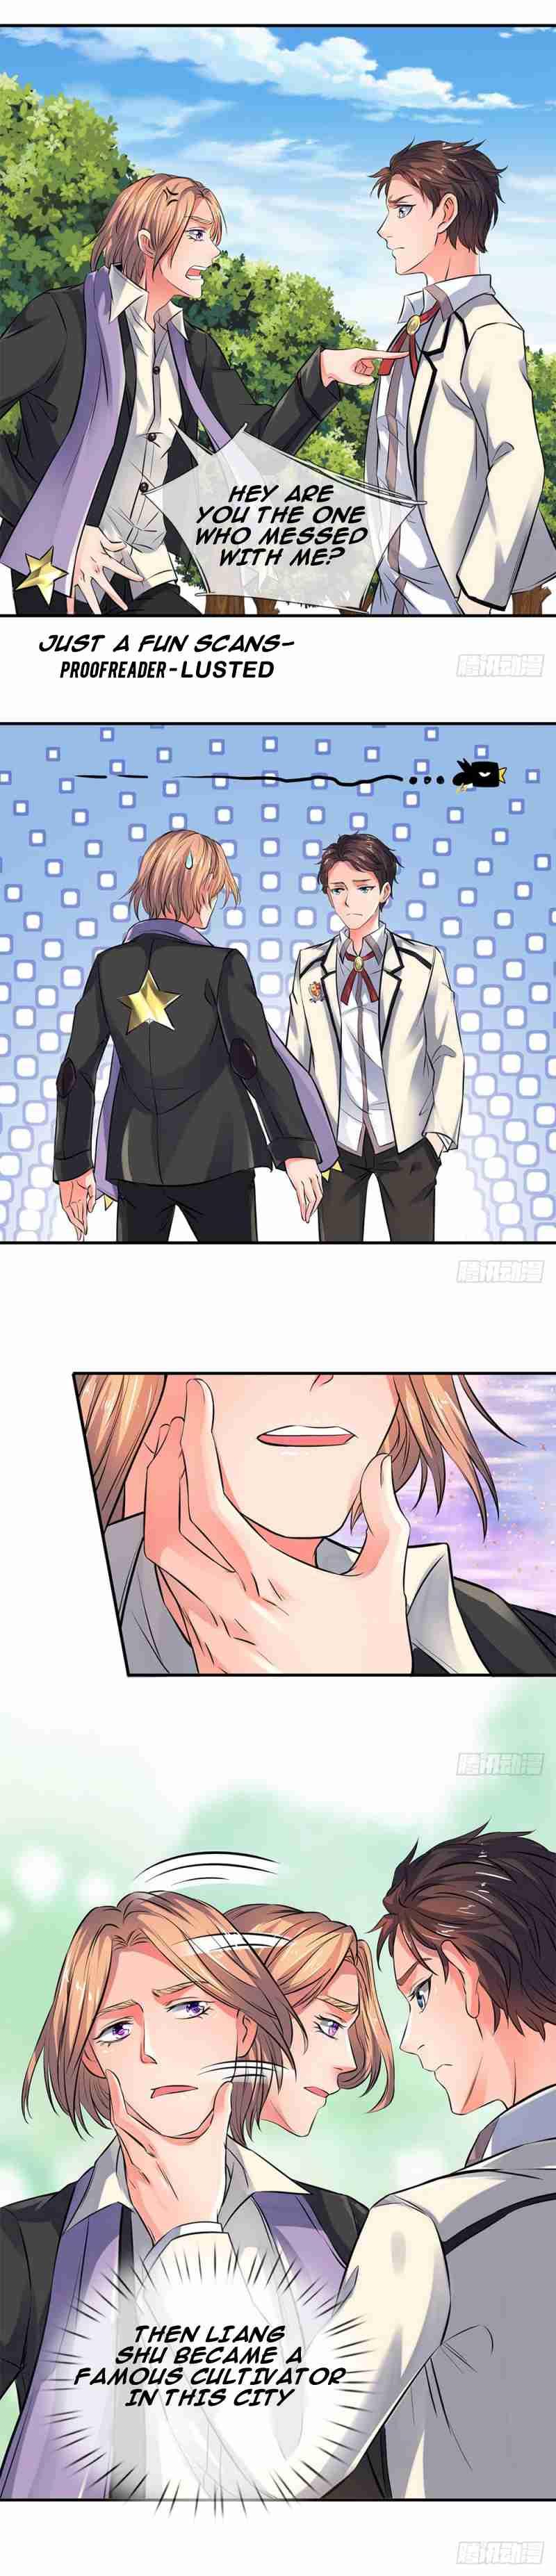 https://manga.mangadogs.com/comics/pic2/39/32615/934712/2df41f38afef75d8c599483001daf2e1.jpg Page 1